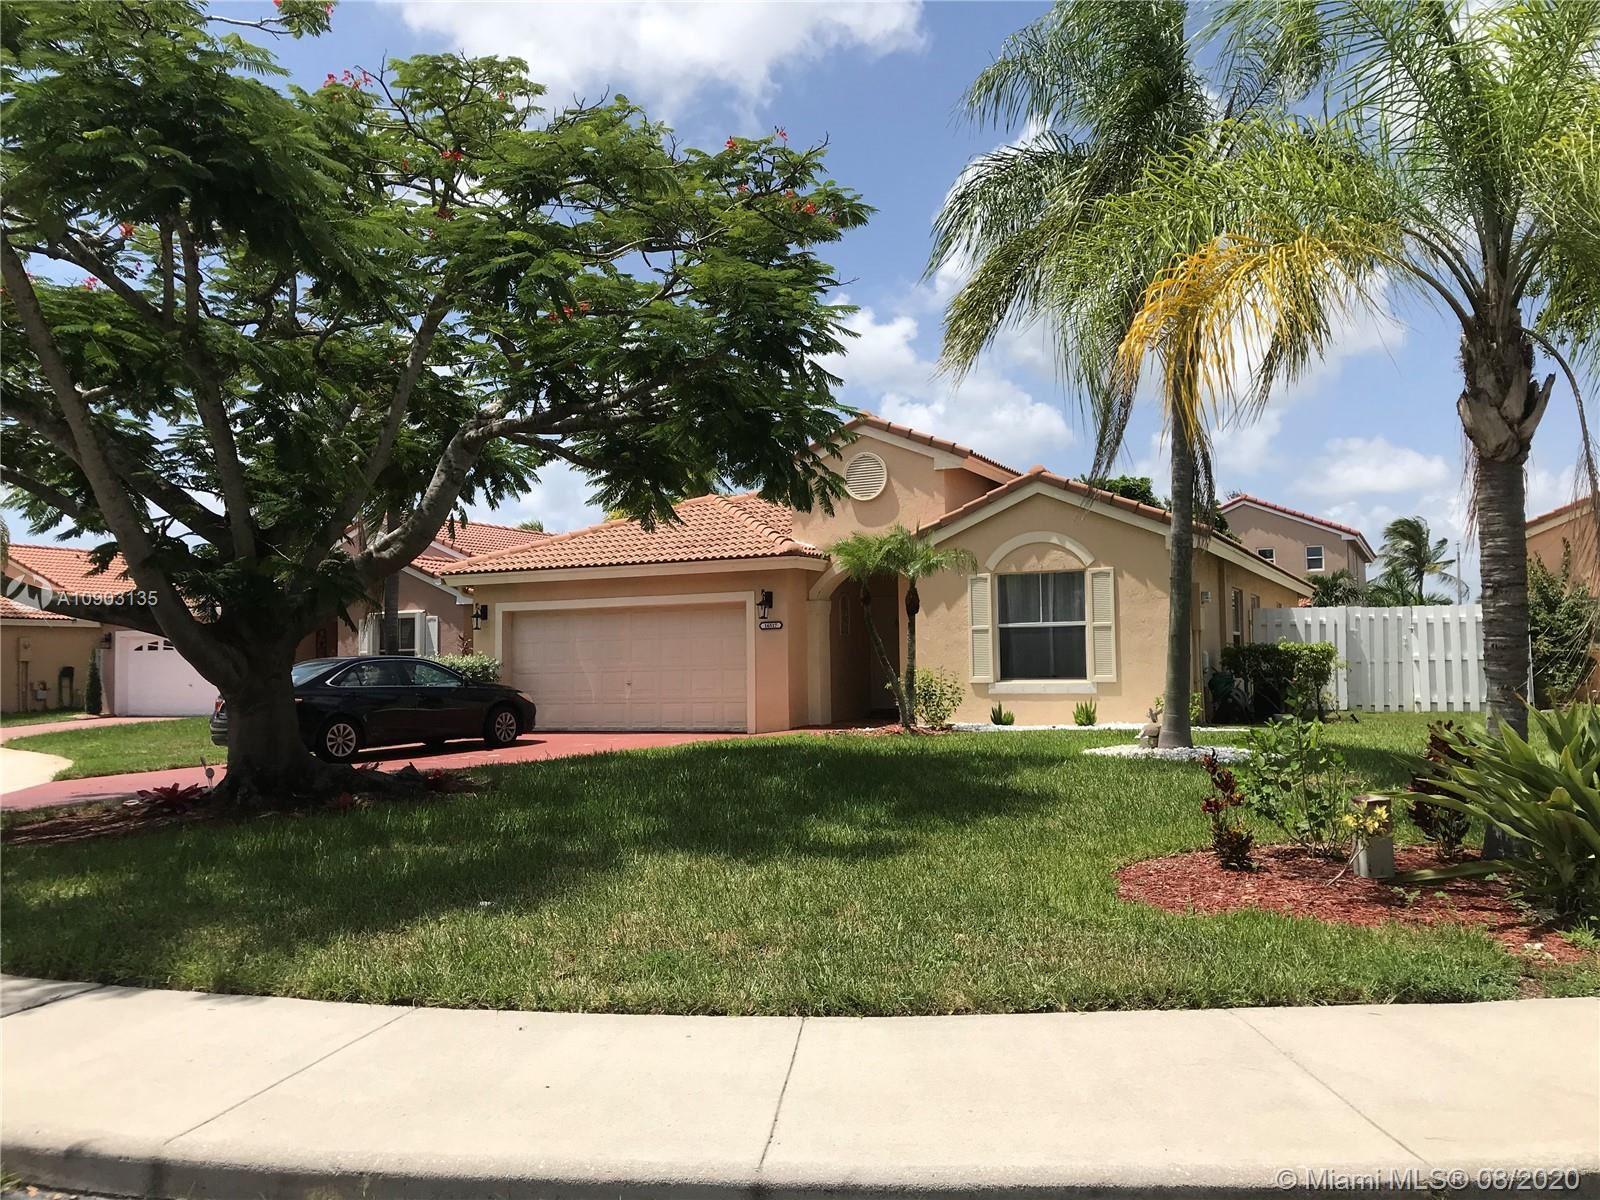 16517 NW 7th St, Pembroke Pines, FL 33028 - #: A10903135